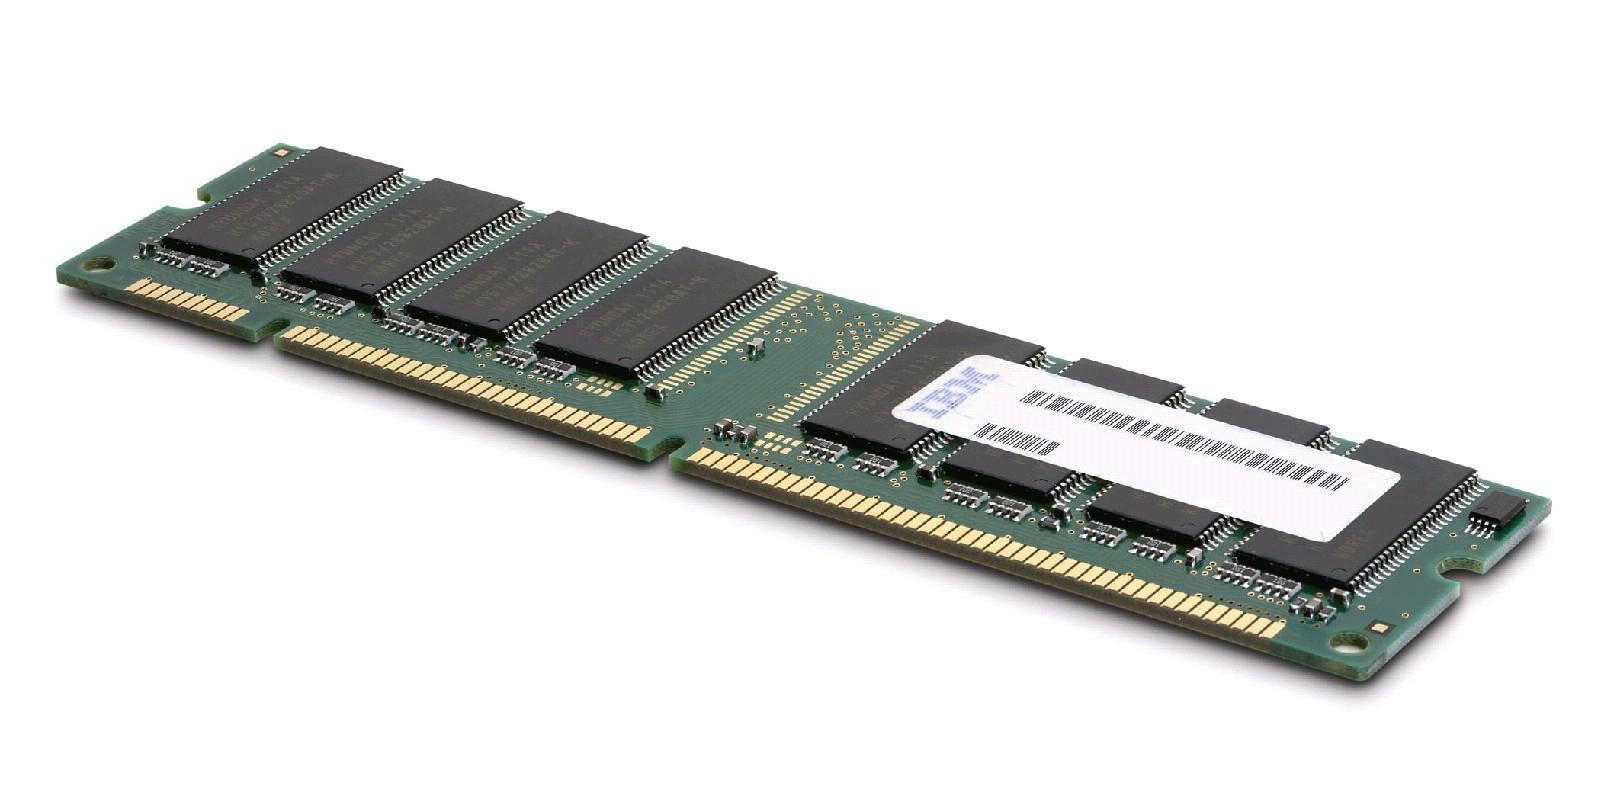 4GB PC3-10600Rcl9 ECC RDIMM Vlp Mem (49Y1430)